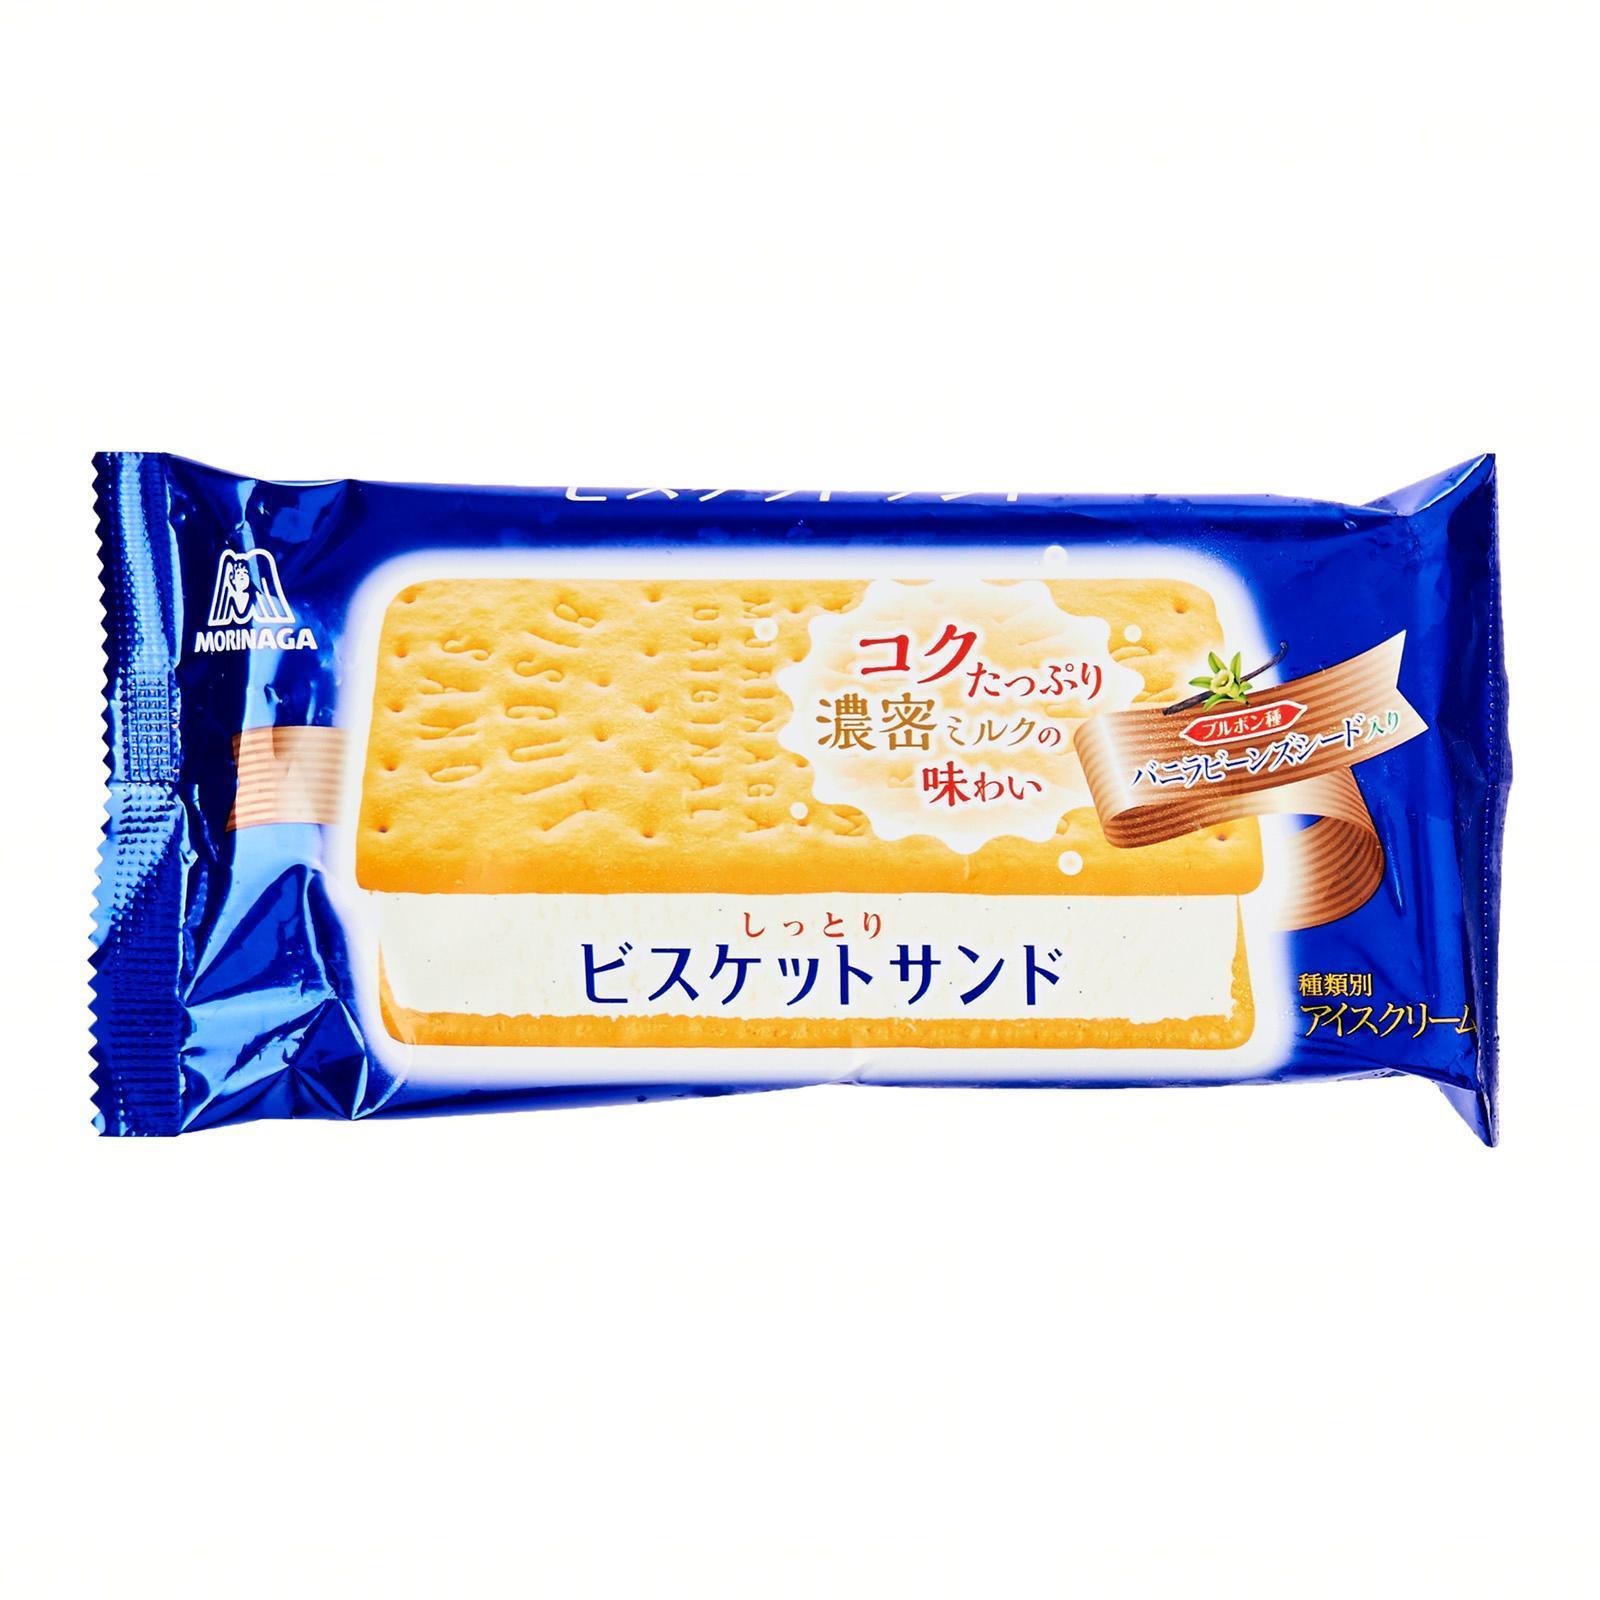 Morinaga Biscuit Ice Cream Sandwich - Frozen - Jetro Special